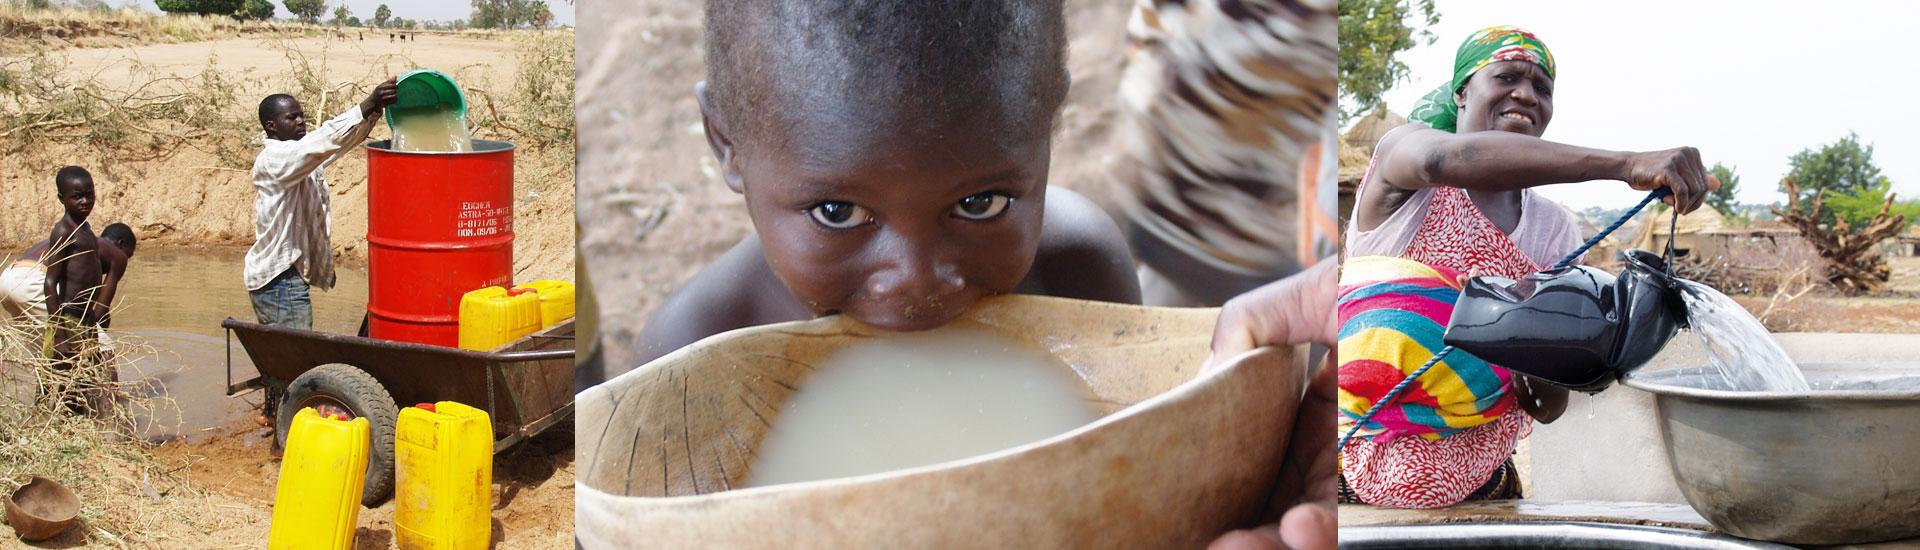 Día del Agua: un pueblo, un pozo, una escuela